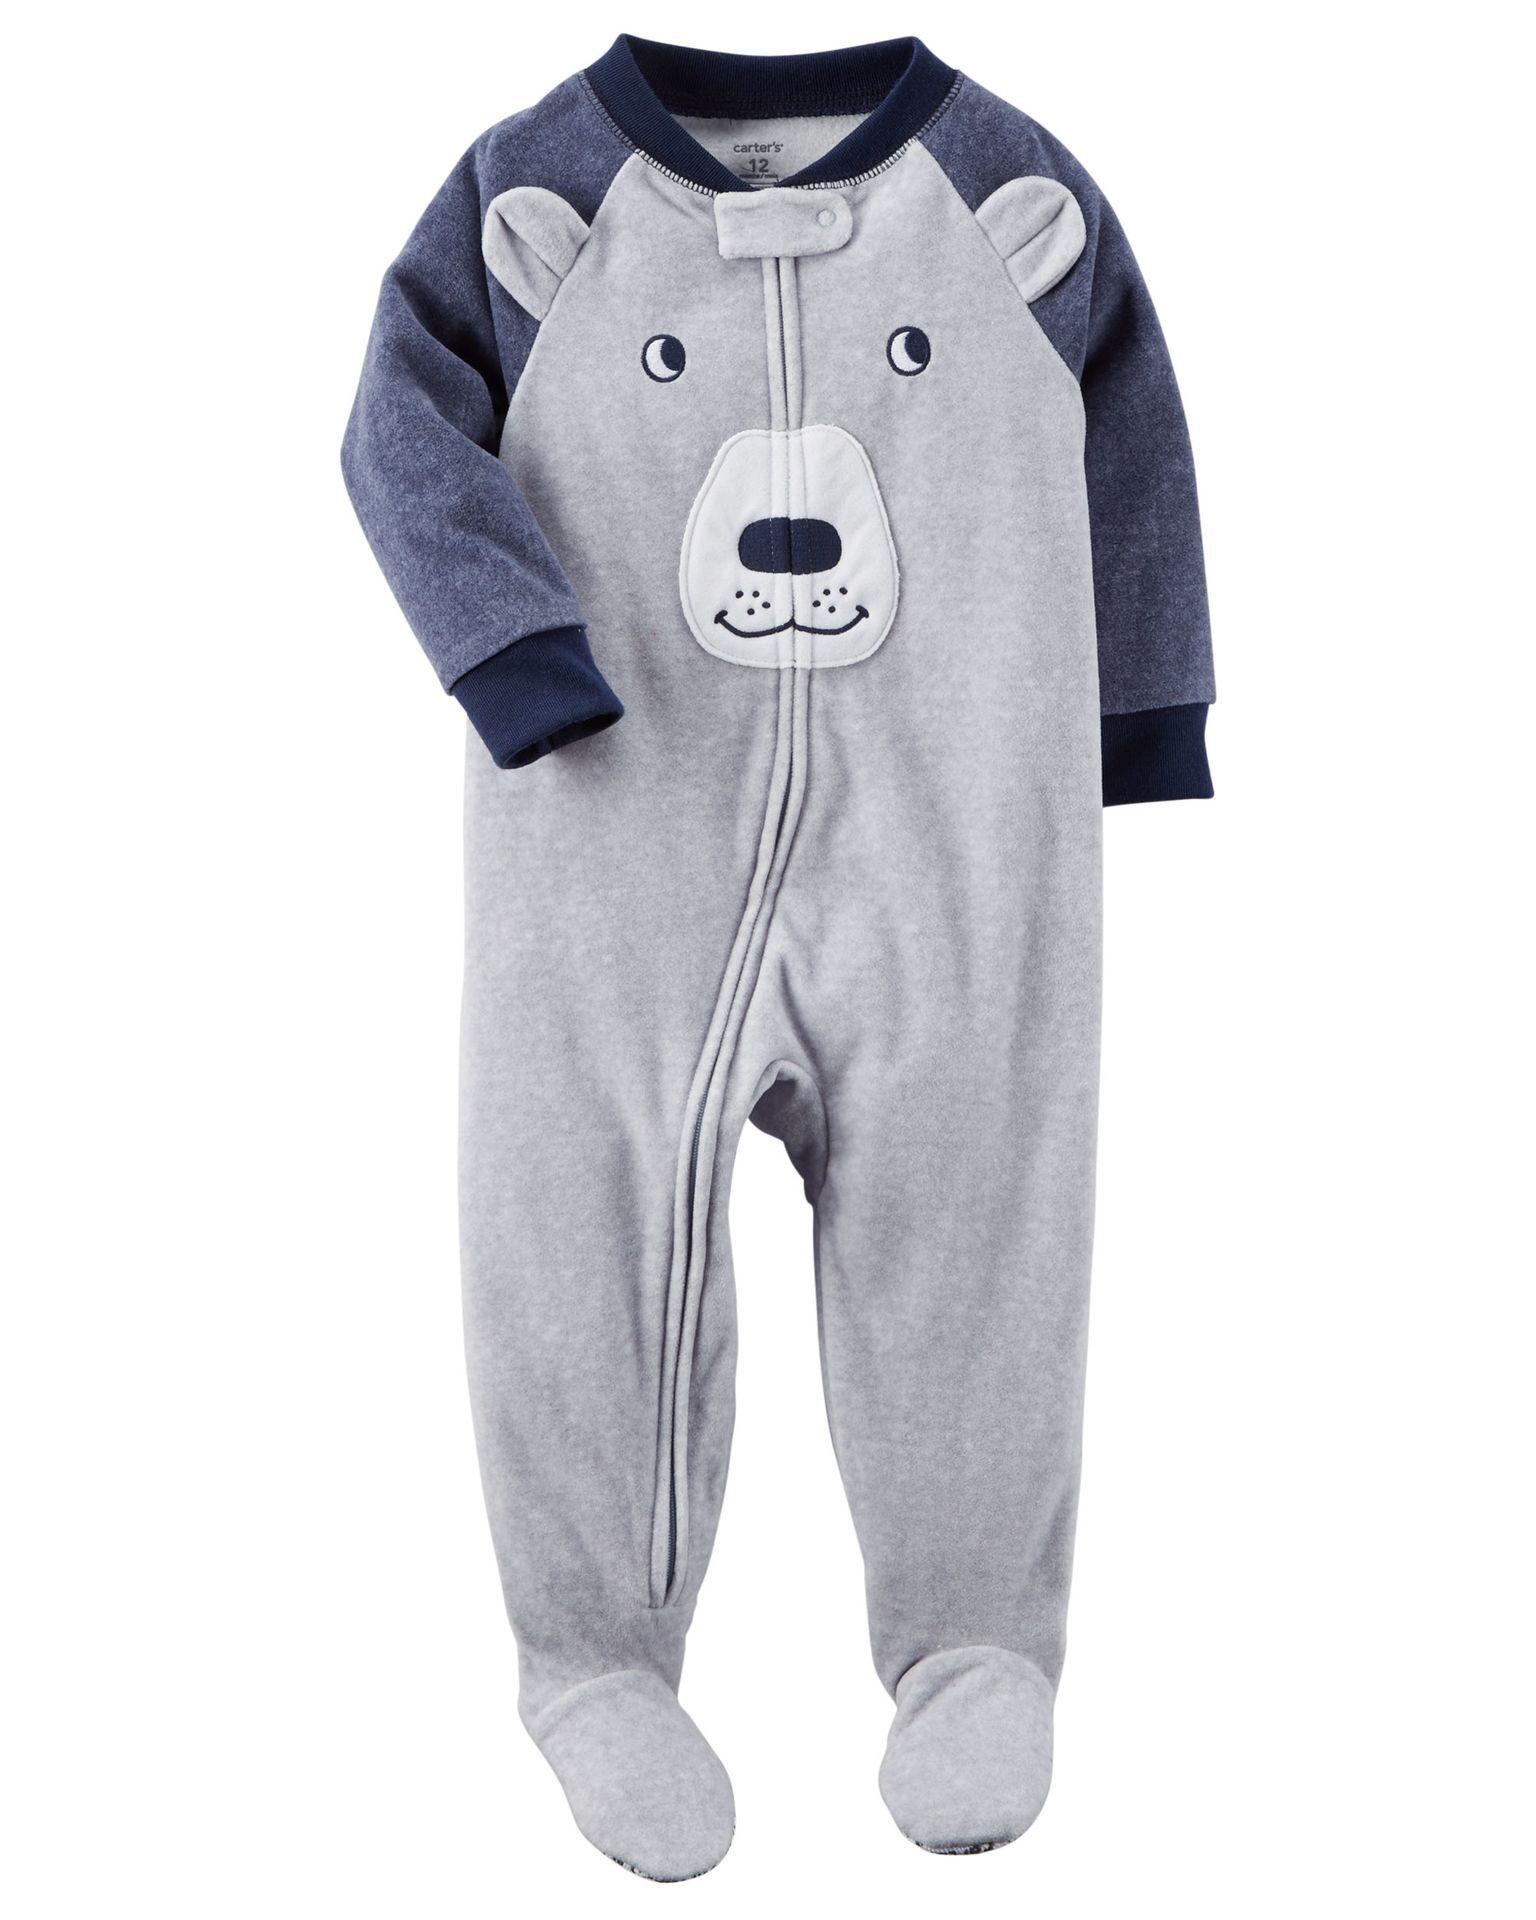 Флисовая пижама медведь Carter s(Картерс) d40804aa6eff2